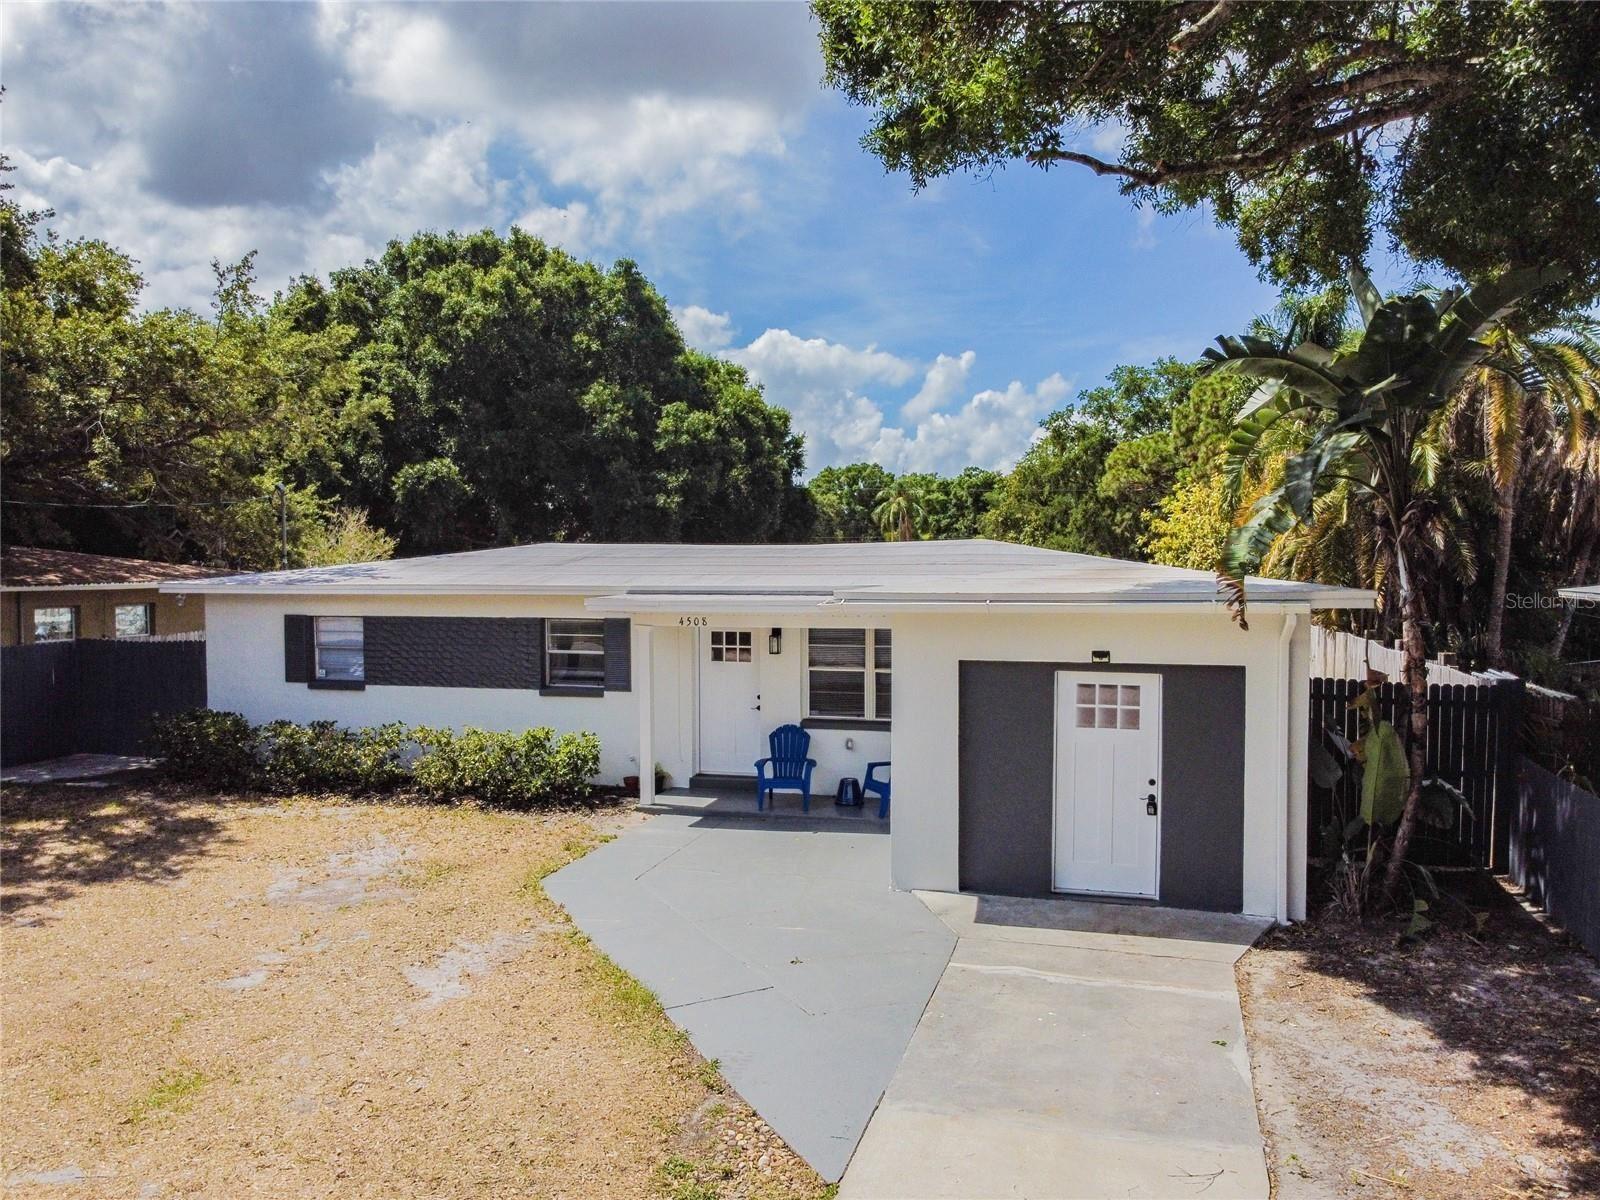 4508 W BALLAST POINT BOULEVARD, Tampa, FL 33611 - MLS#: T3310321